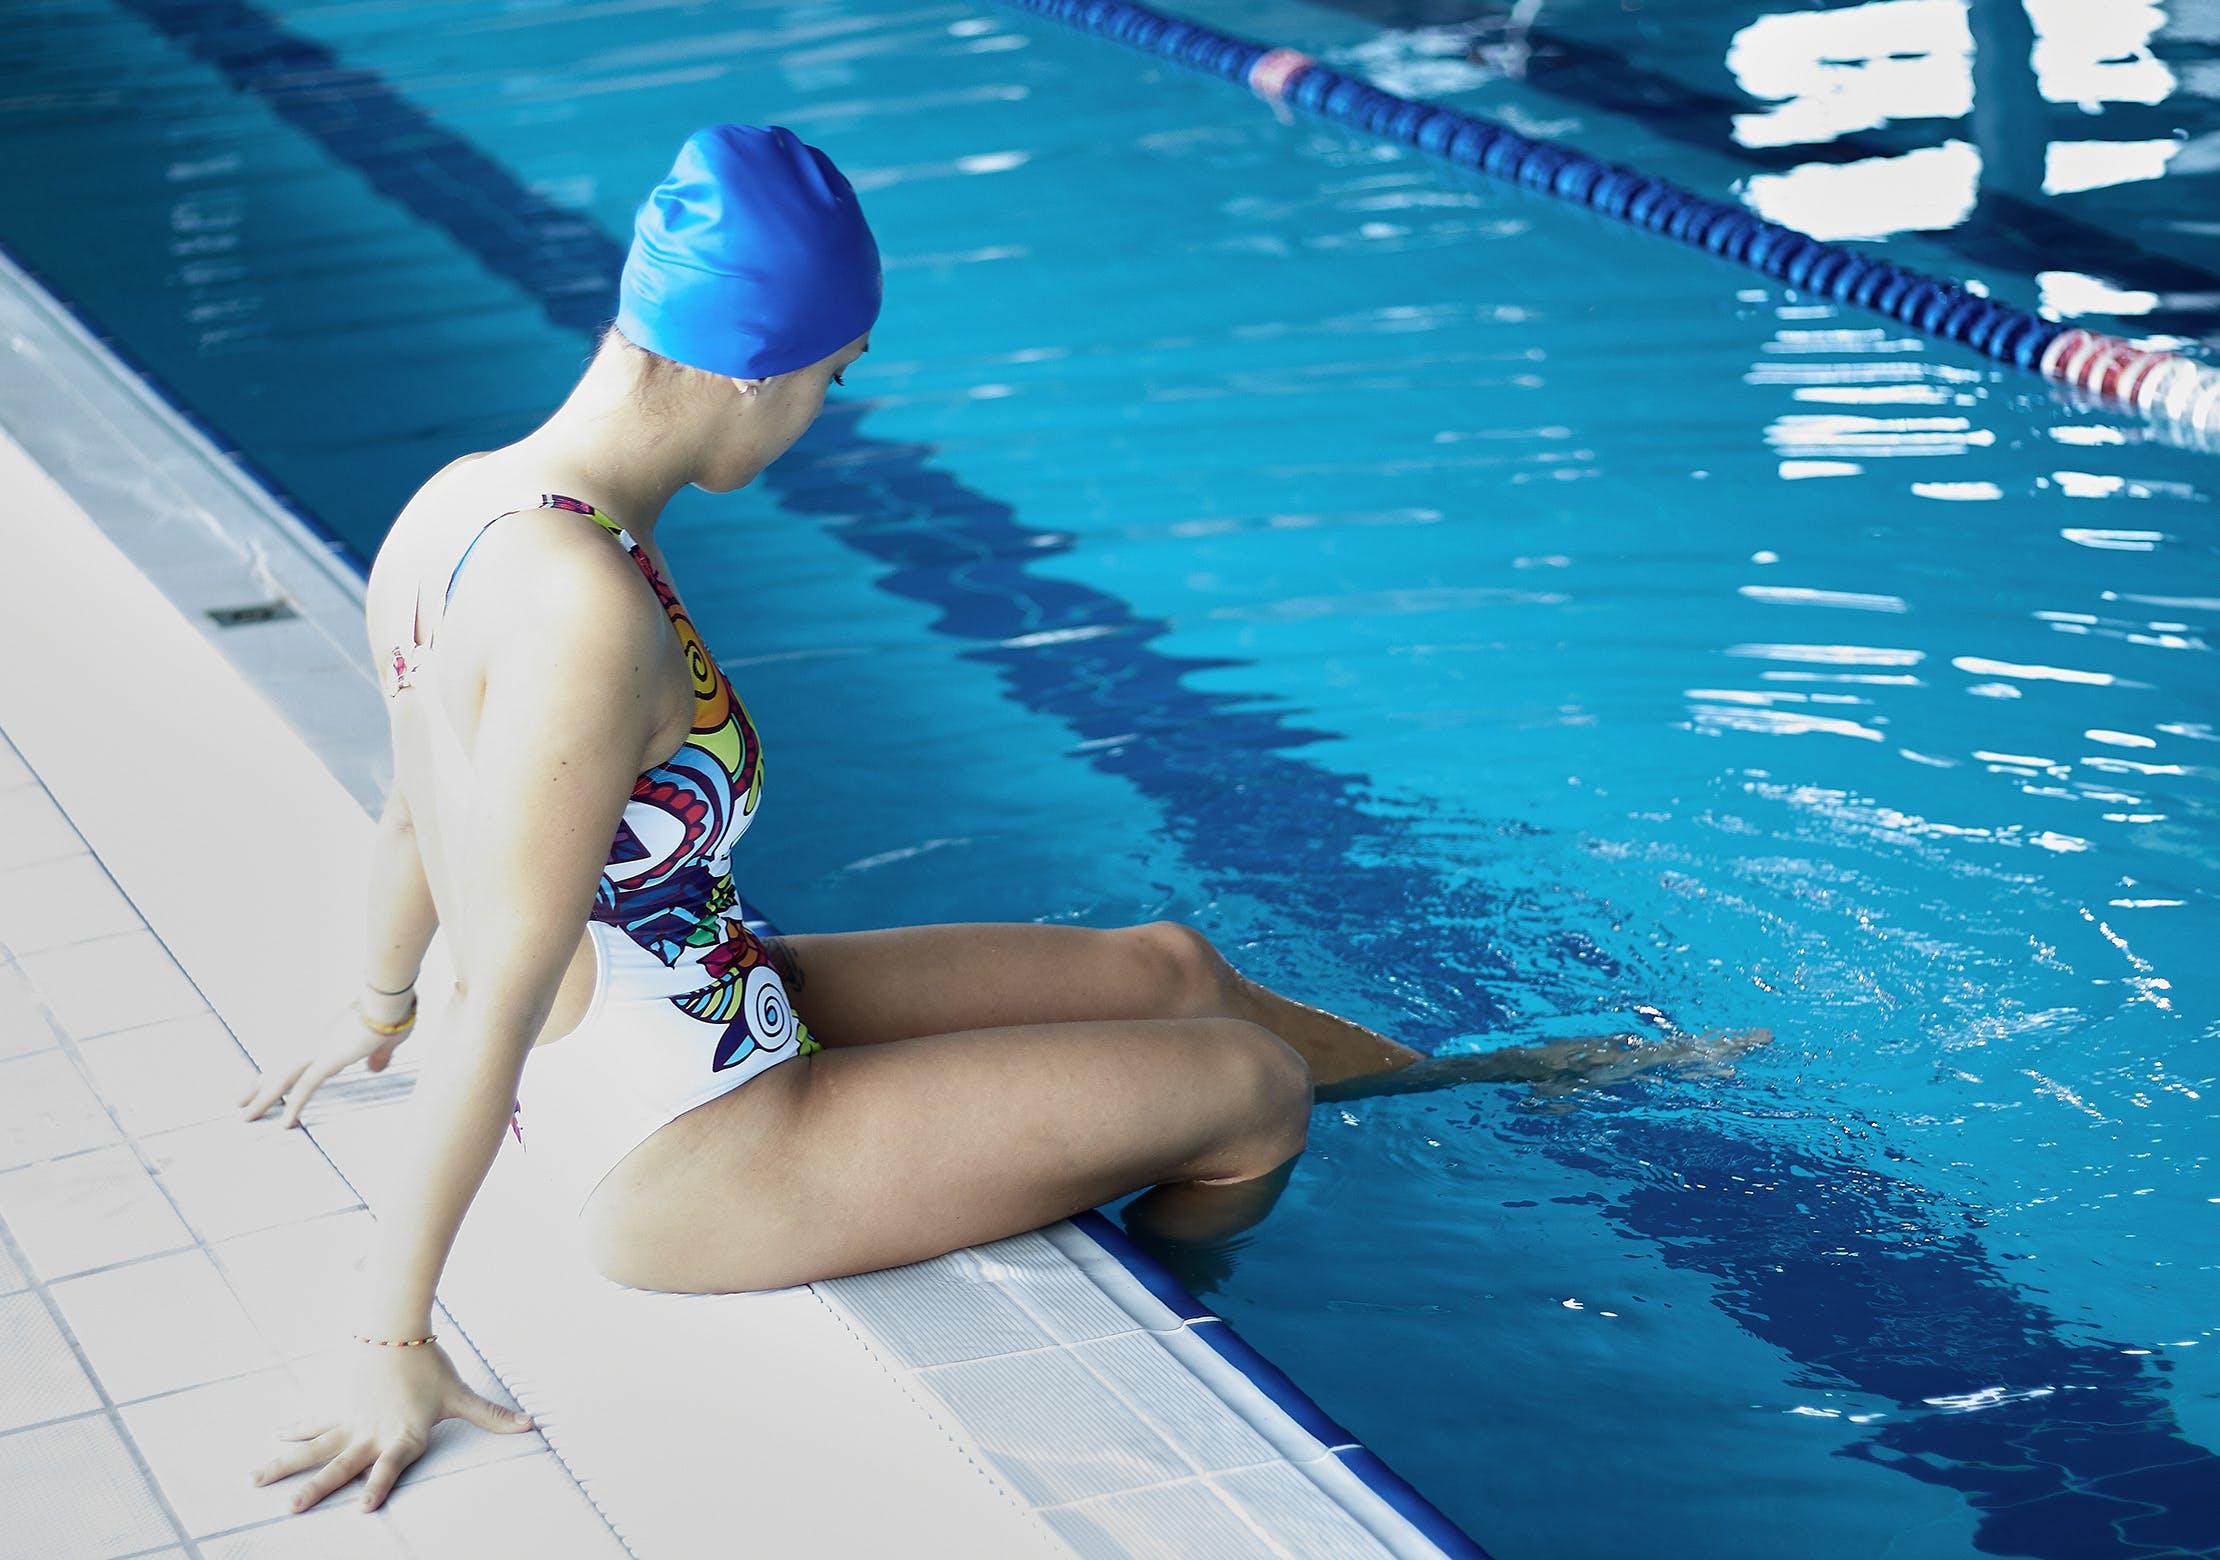 Cours natation débutant 1 - Cours de natation en piscine intérieure - CEPSUM